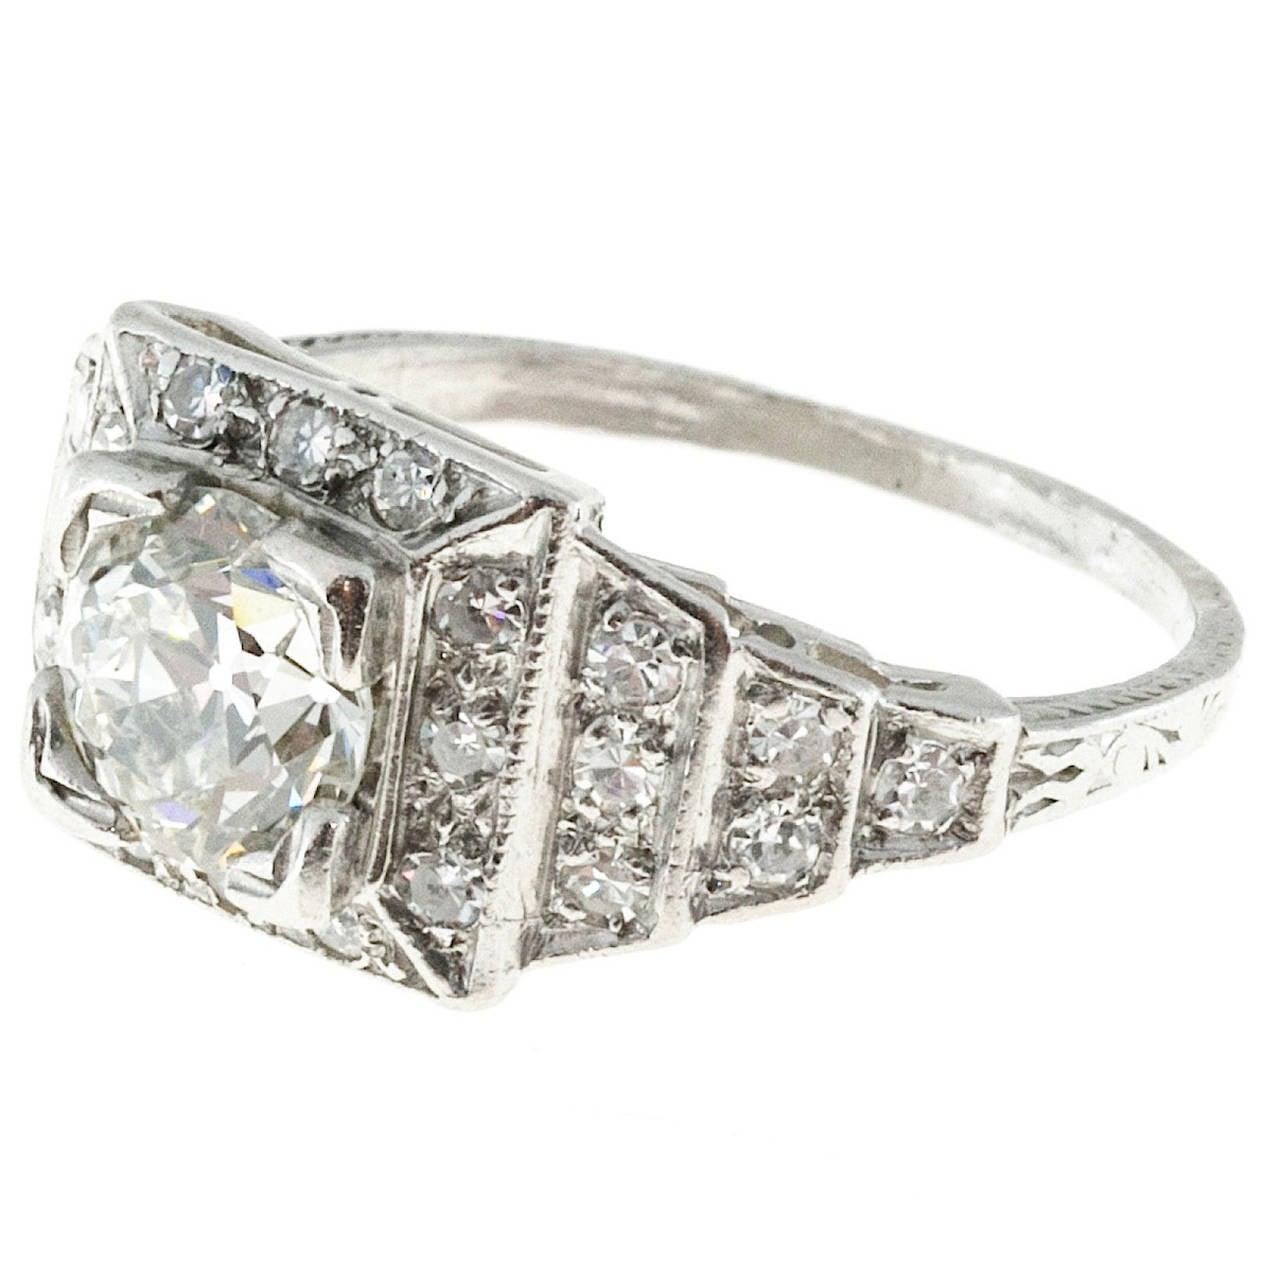 deco 1 11 carat platinum engagement ring